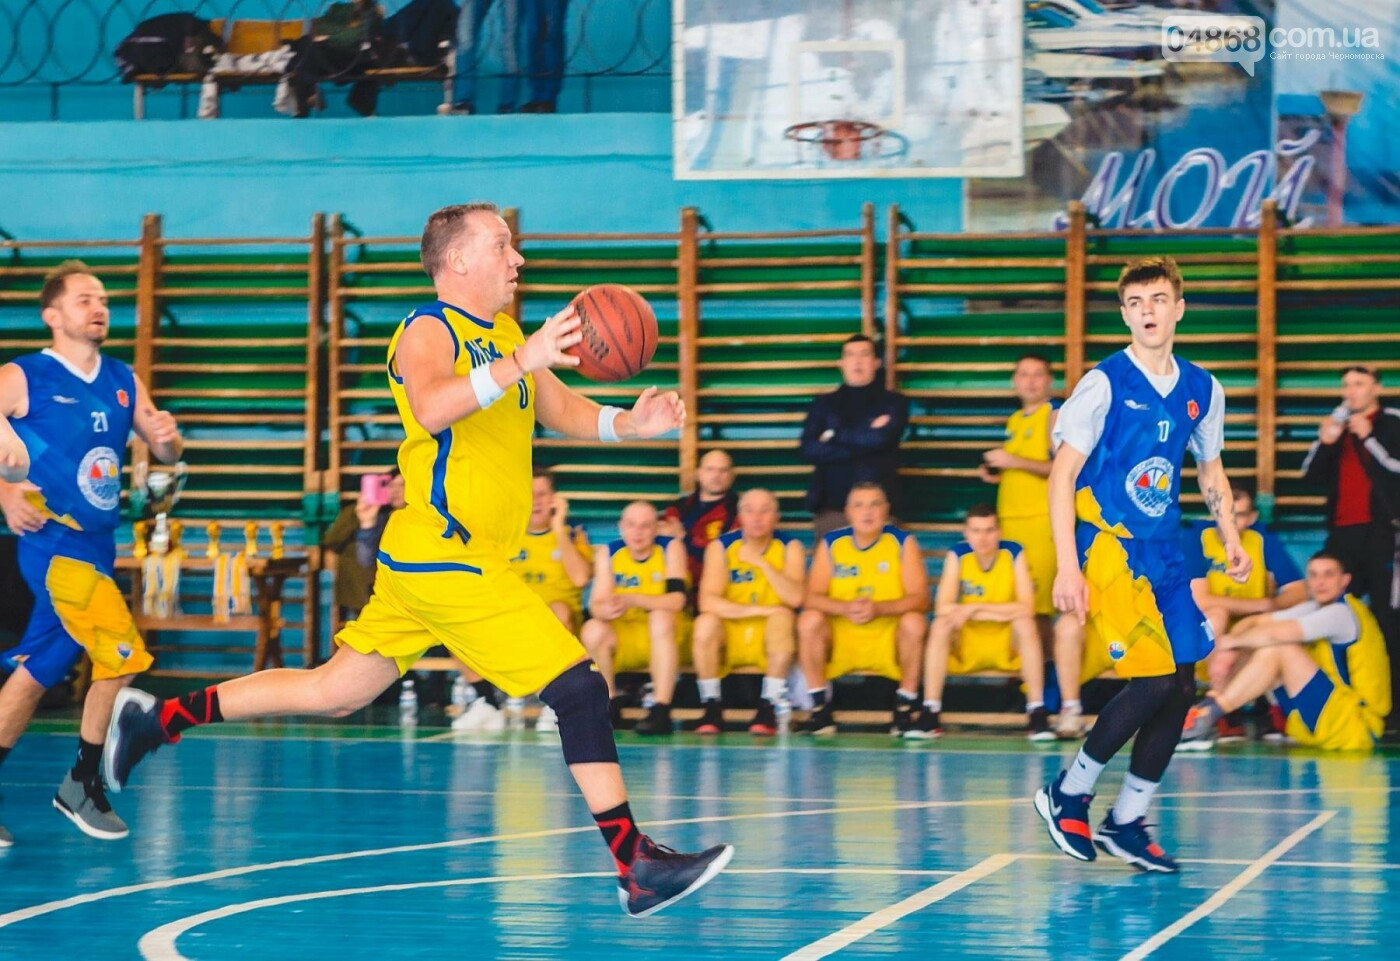 Чемпионат по баскетболу завершился победой команды Черноморска, фото-14